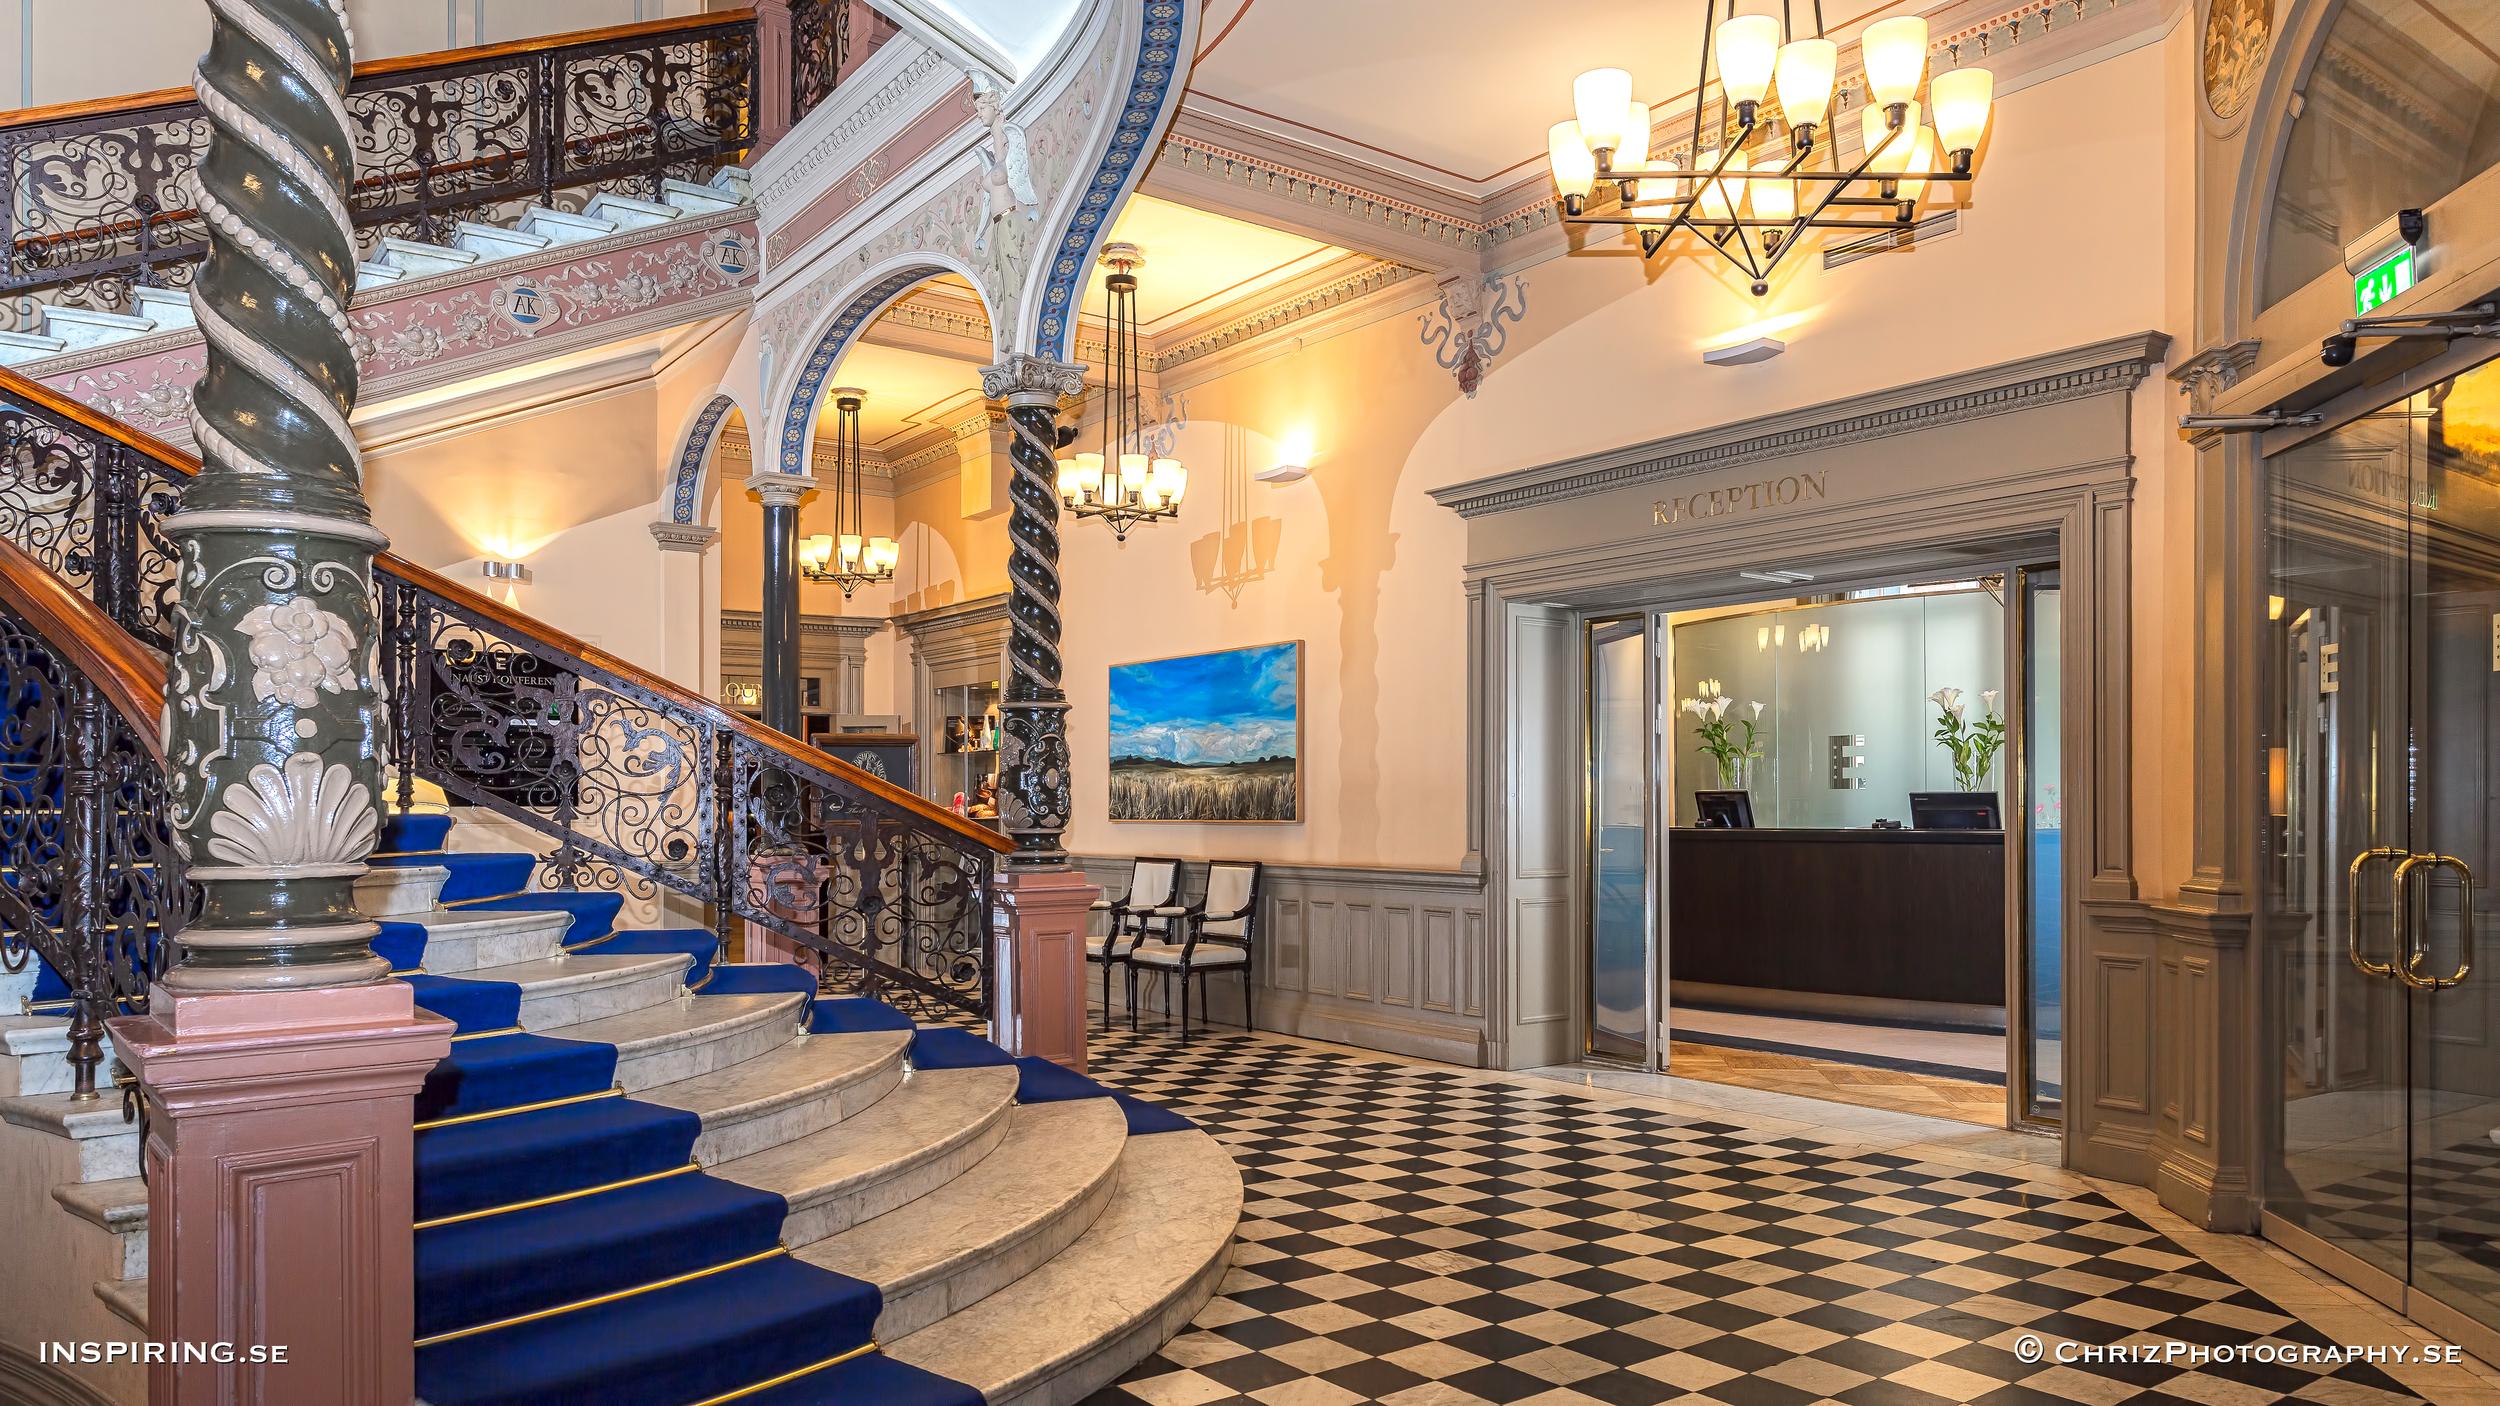 Elite_Hotel_Knaust_Inspiring.se_copyright_ChrizPhotography.se_2.jpg